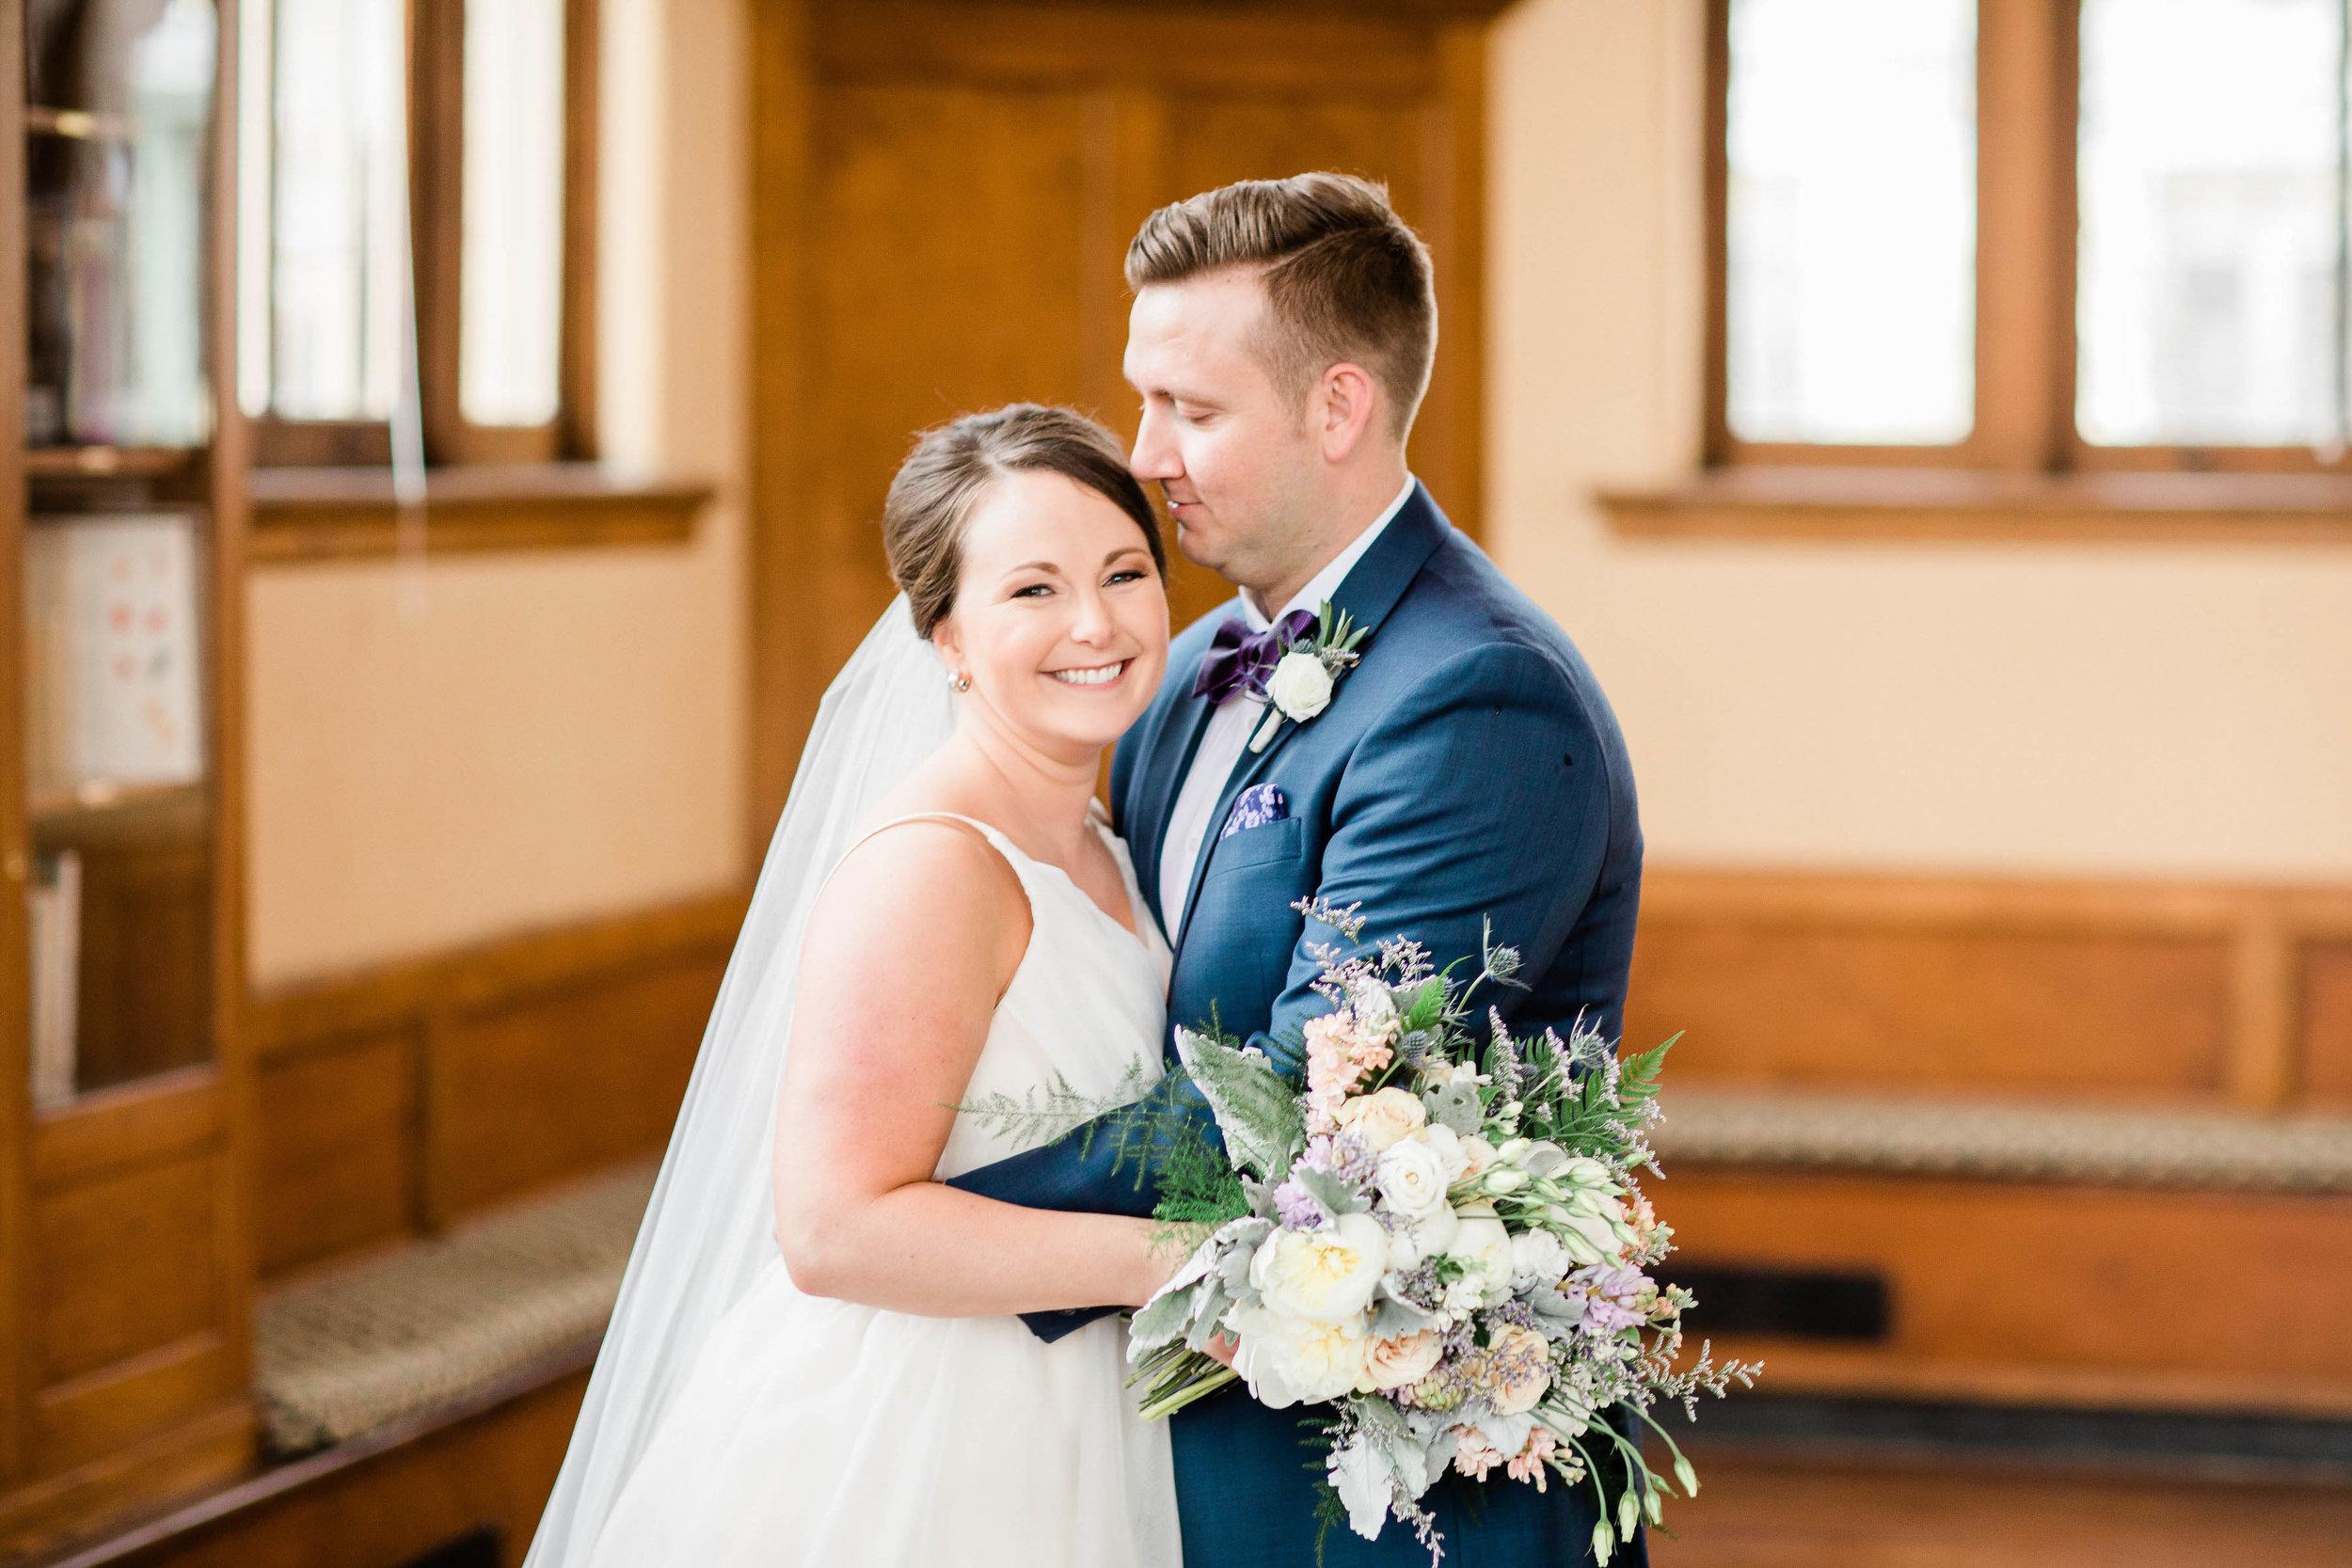 cincinnati wedding photographer (9 of 11).jpg